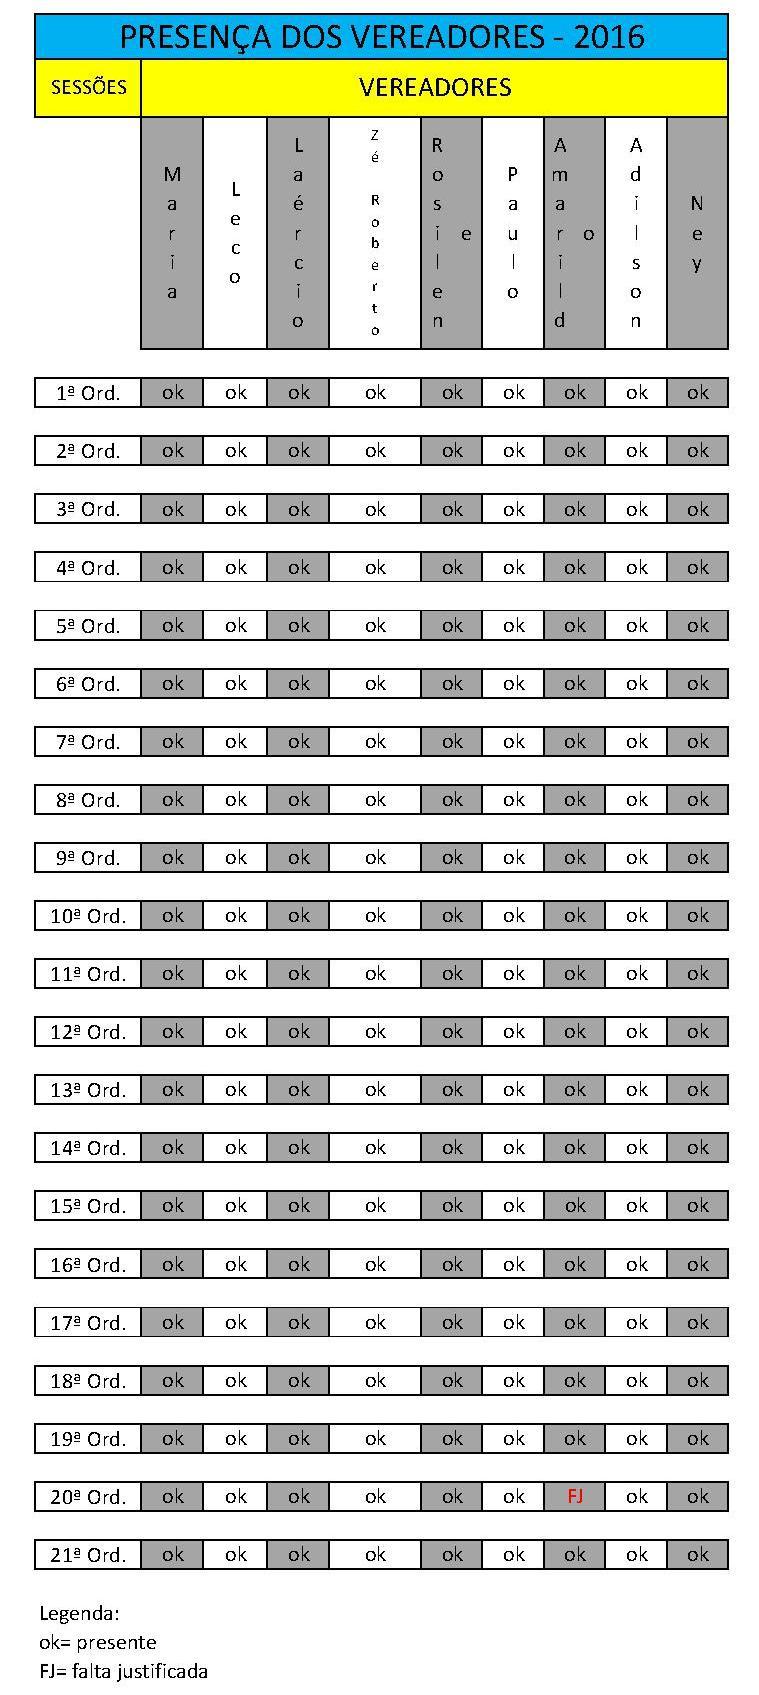 1x9mf-x8n9k-001